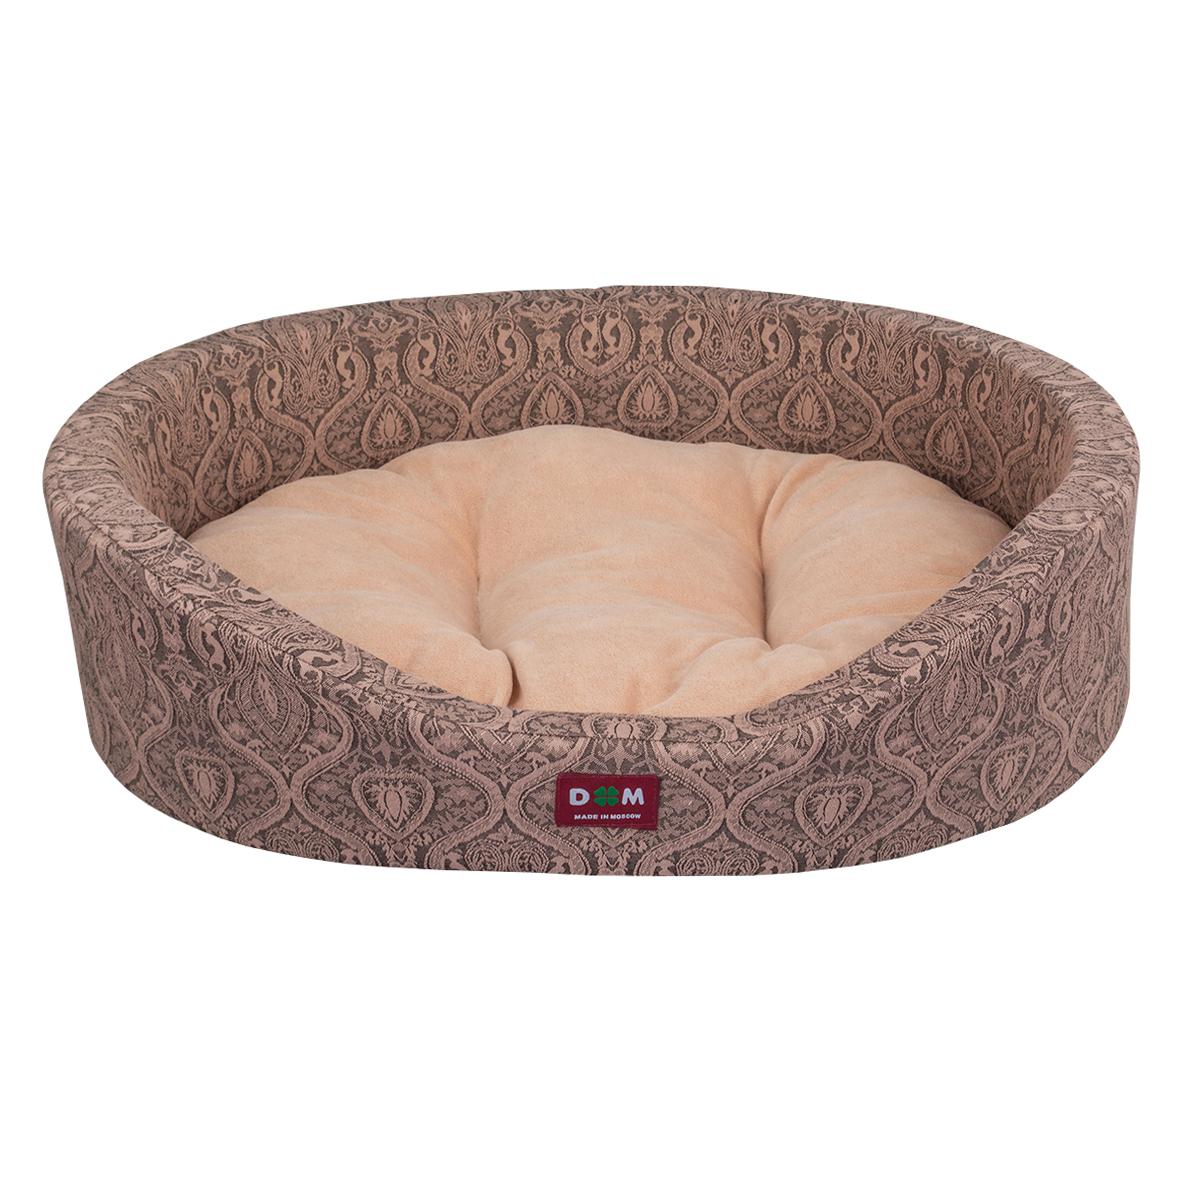 Лежак для животных Dogmoda Дуэт, цвет: бежевый, 60 х 48 х 12 см0120710Лежак для животных Dogmoda Дуэт прекрасно подойдет для отдыха вашего домашнего питомца. Предназначен для собак мелких и средних пород и кошек. Изделие выполнено из жаккарда с изысканным узором, внутри - мягкий наполнитель из поролона, который обеспечивает комфорт и уют. Лежак снабжен съемной велюровой подушкой с холлофайбером внутри. Изделие имеет высокие бортики. Комфортный и уютный лежак обязательно понравится вашему питомцу, животное сможет там отдохнуть и выспаться. Высокий уровень комфорта, спокойный благородный цвет и мягкость сделают этот лежак любимым местом отдыха вашего питомца.